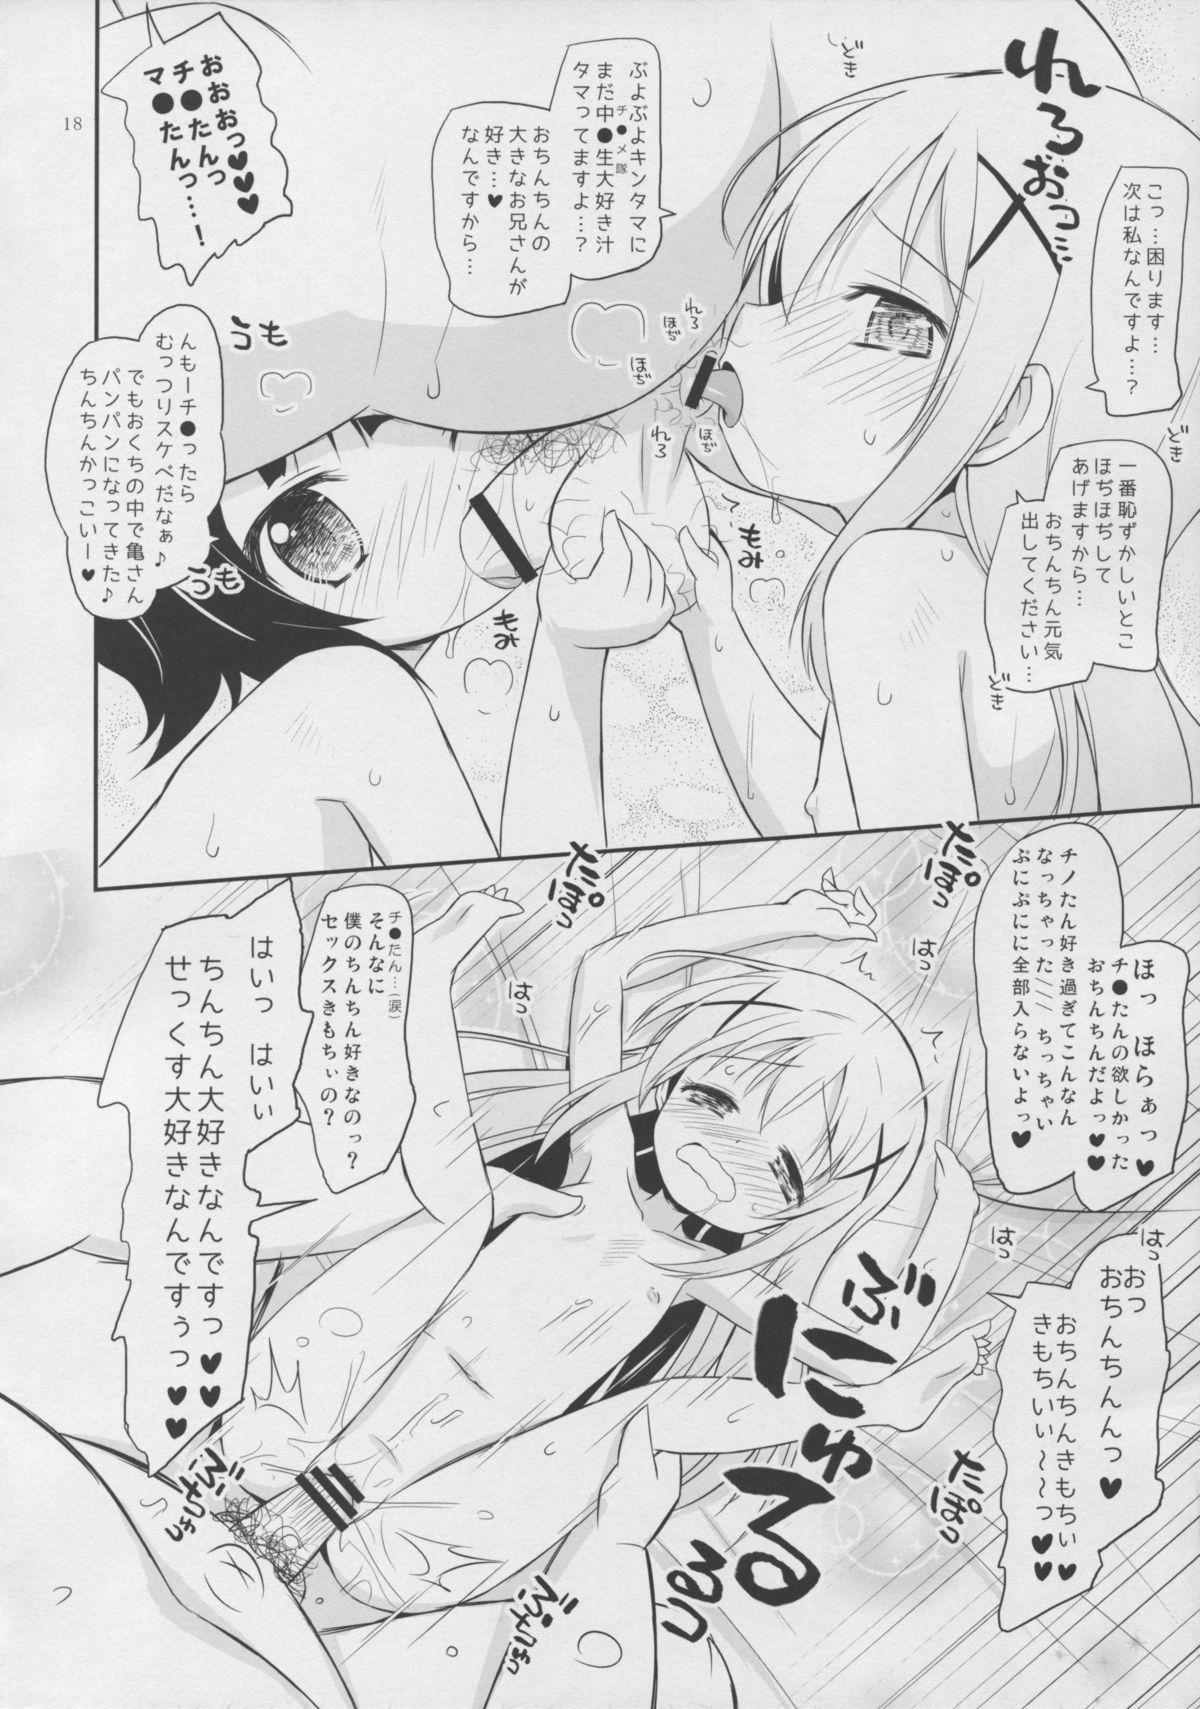 Kyoui! Imouto Kissa wa Jitsuzai Shita! 17